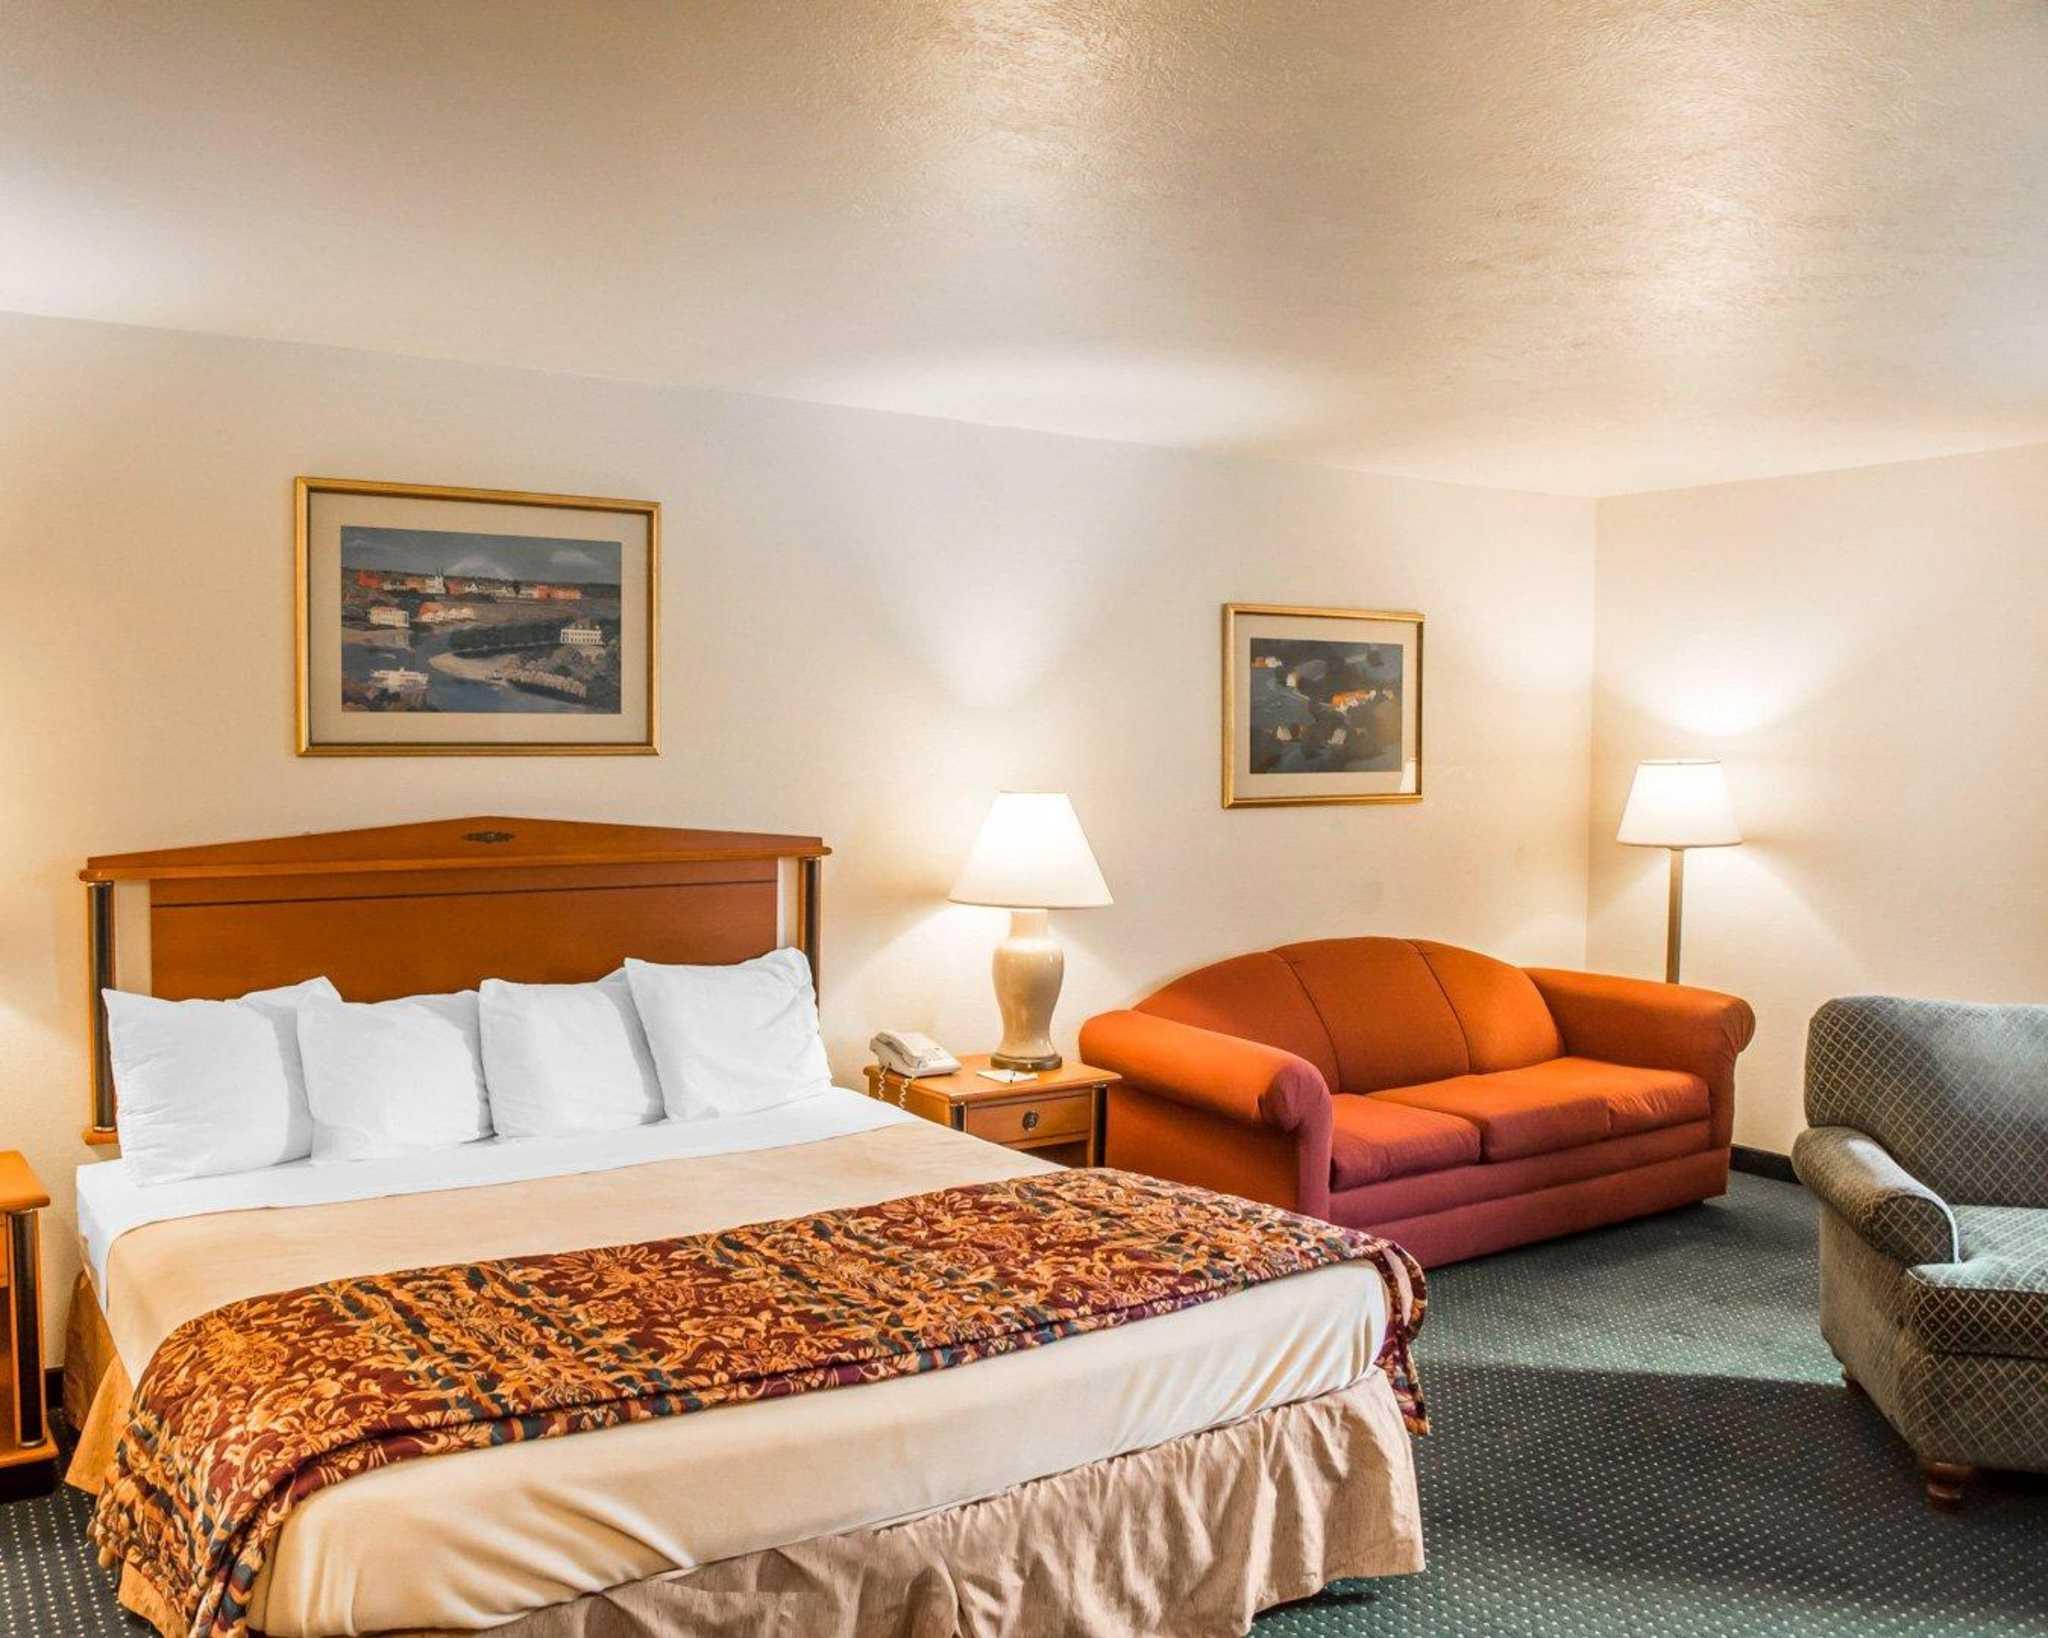 Suburban Extended Stay Hotel Dayton-WP AFB image 5